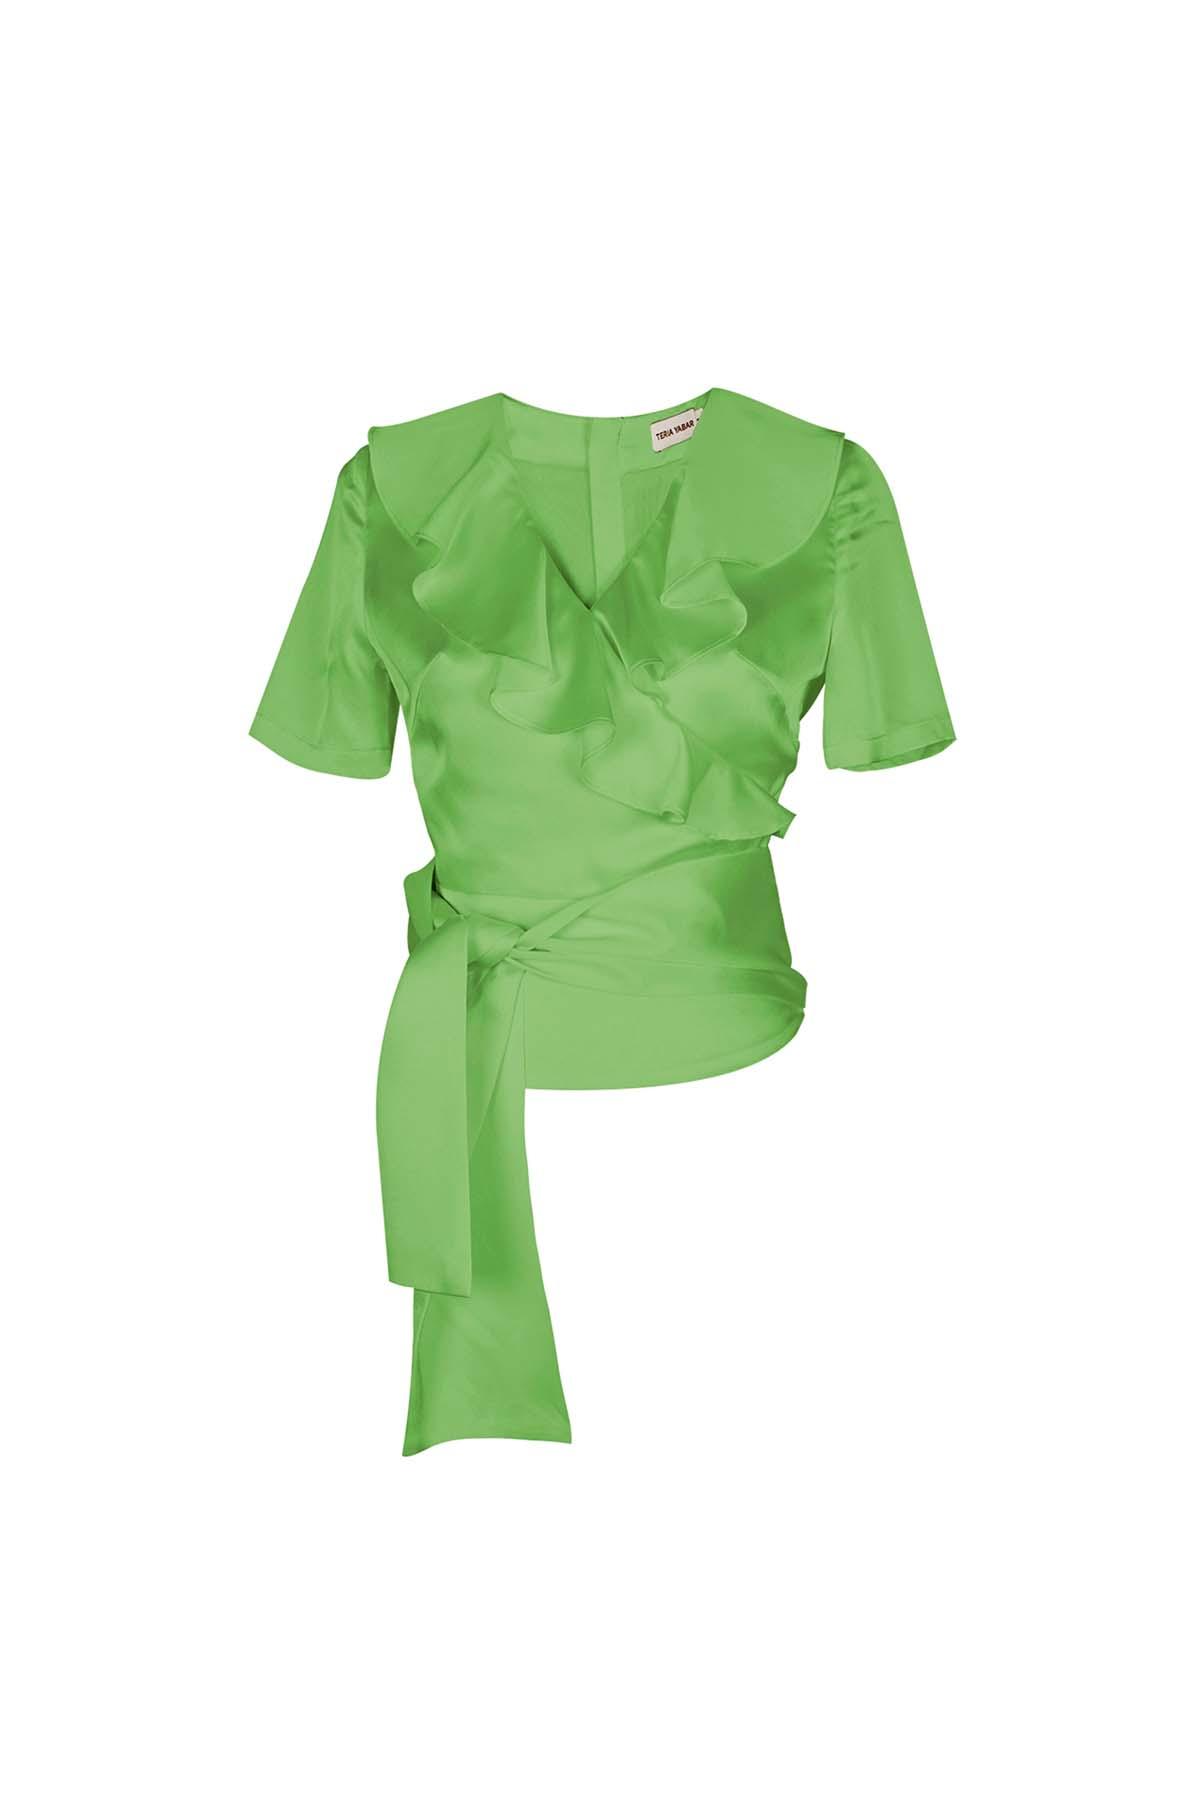 Teria Yabar - Top verde de escote cruzado